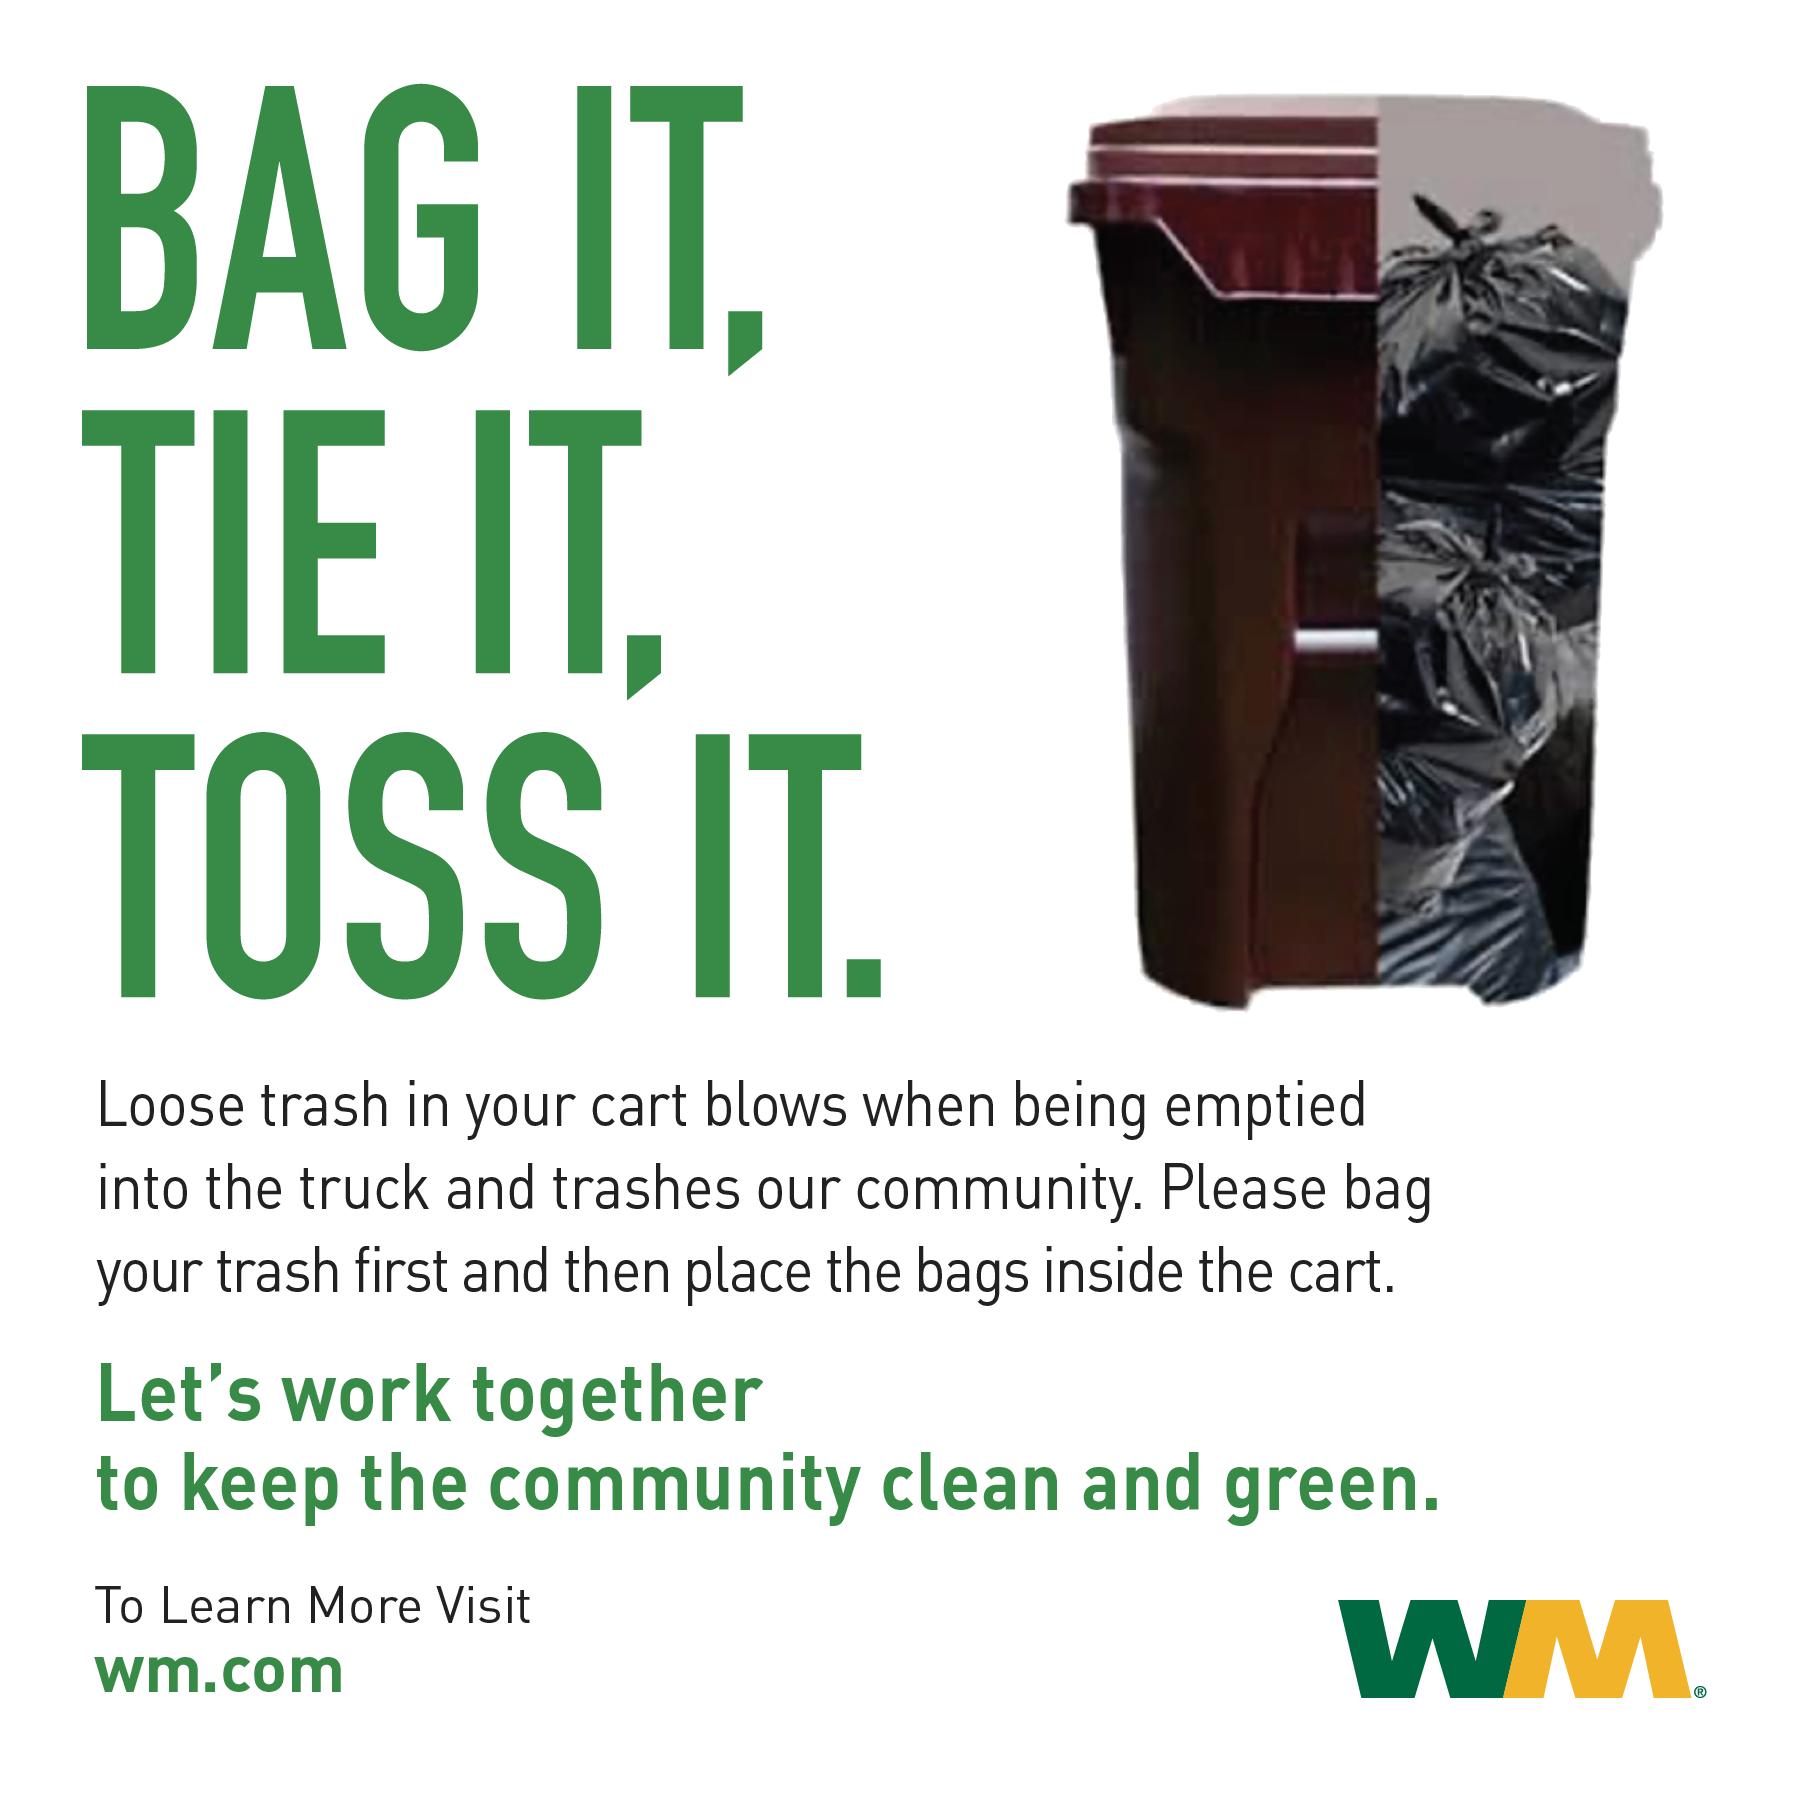 Bag your trash flyer